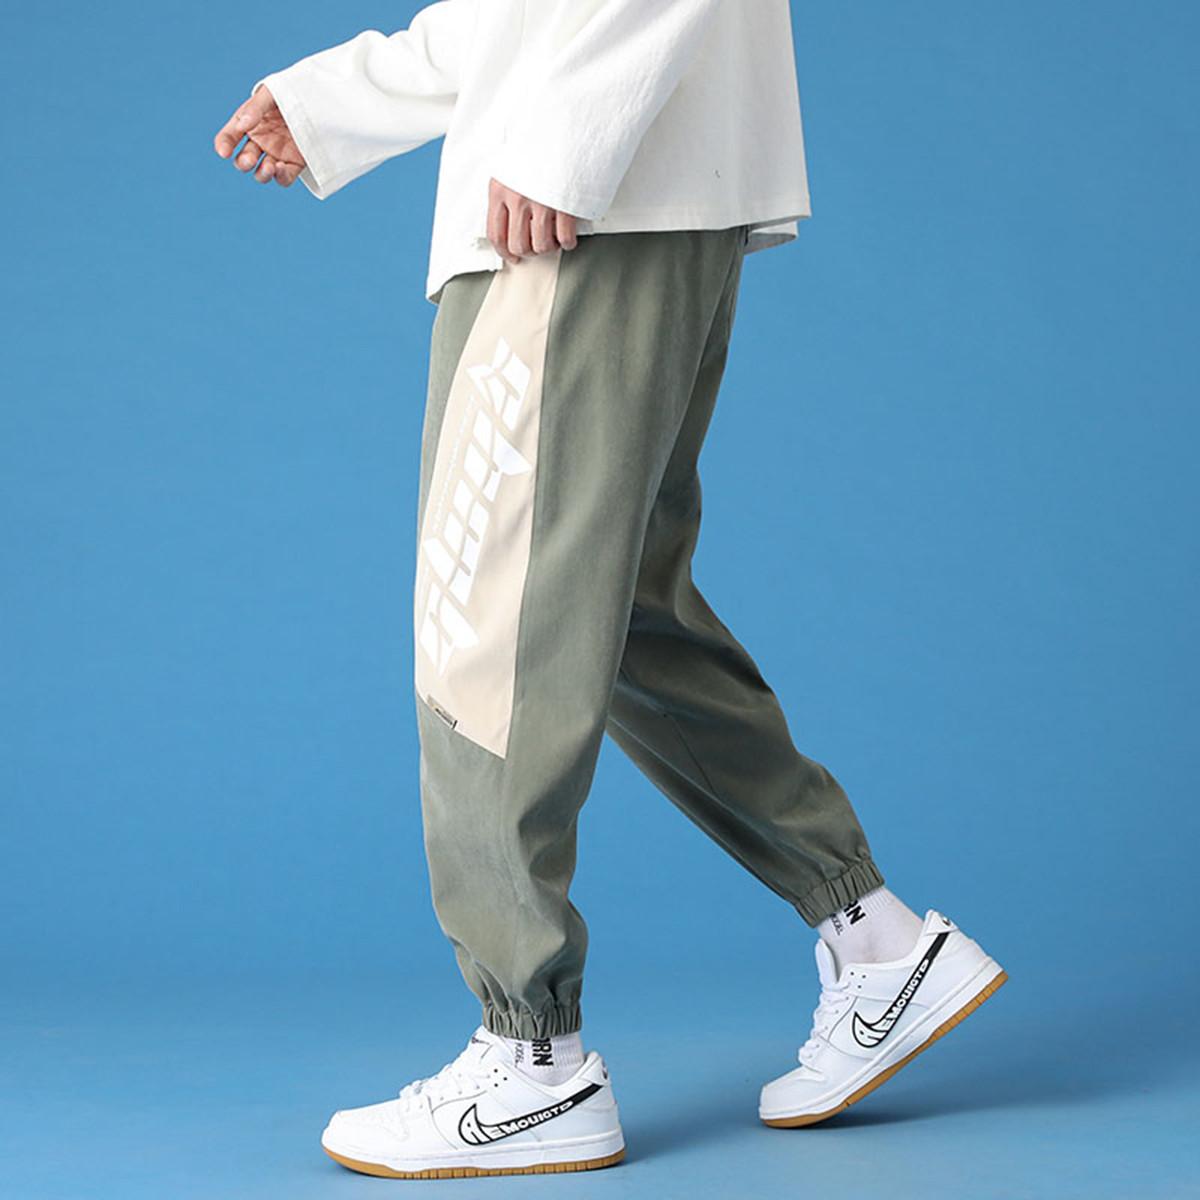 艾夫斯【拼接休闲】裤子男韩版时尚潮流长裤春款宽松弹力束脚男式